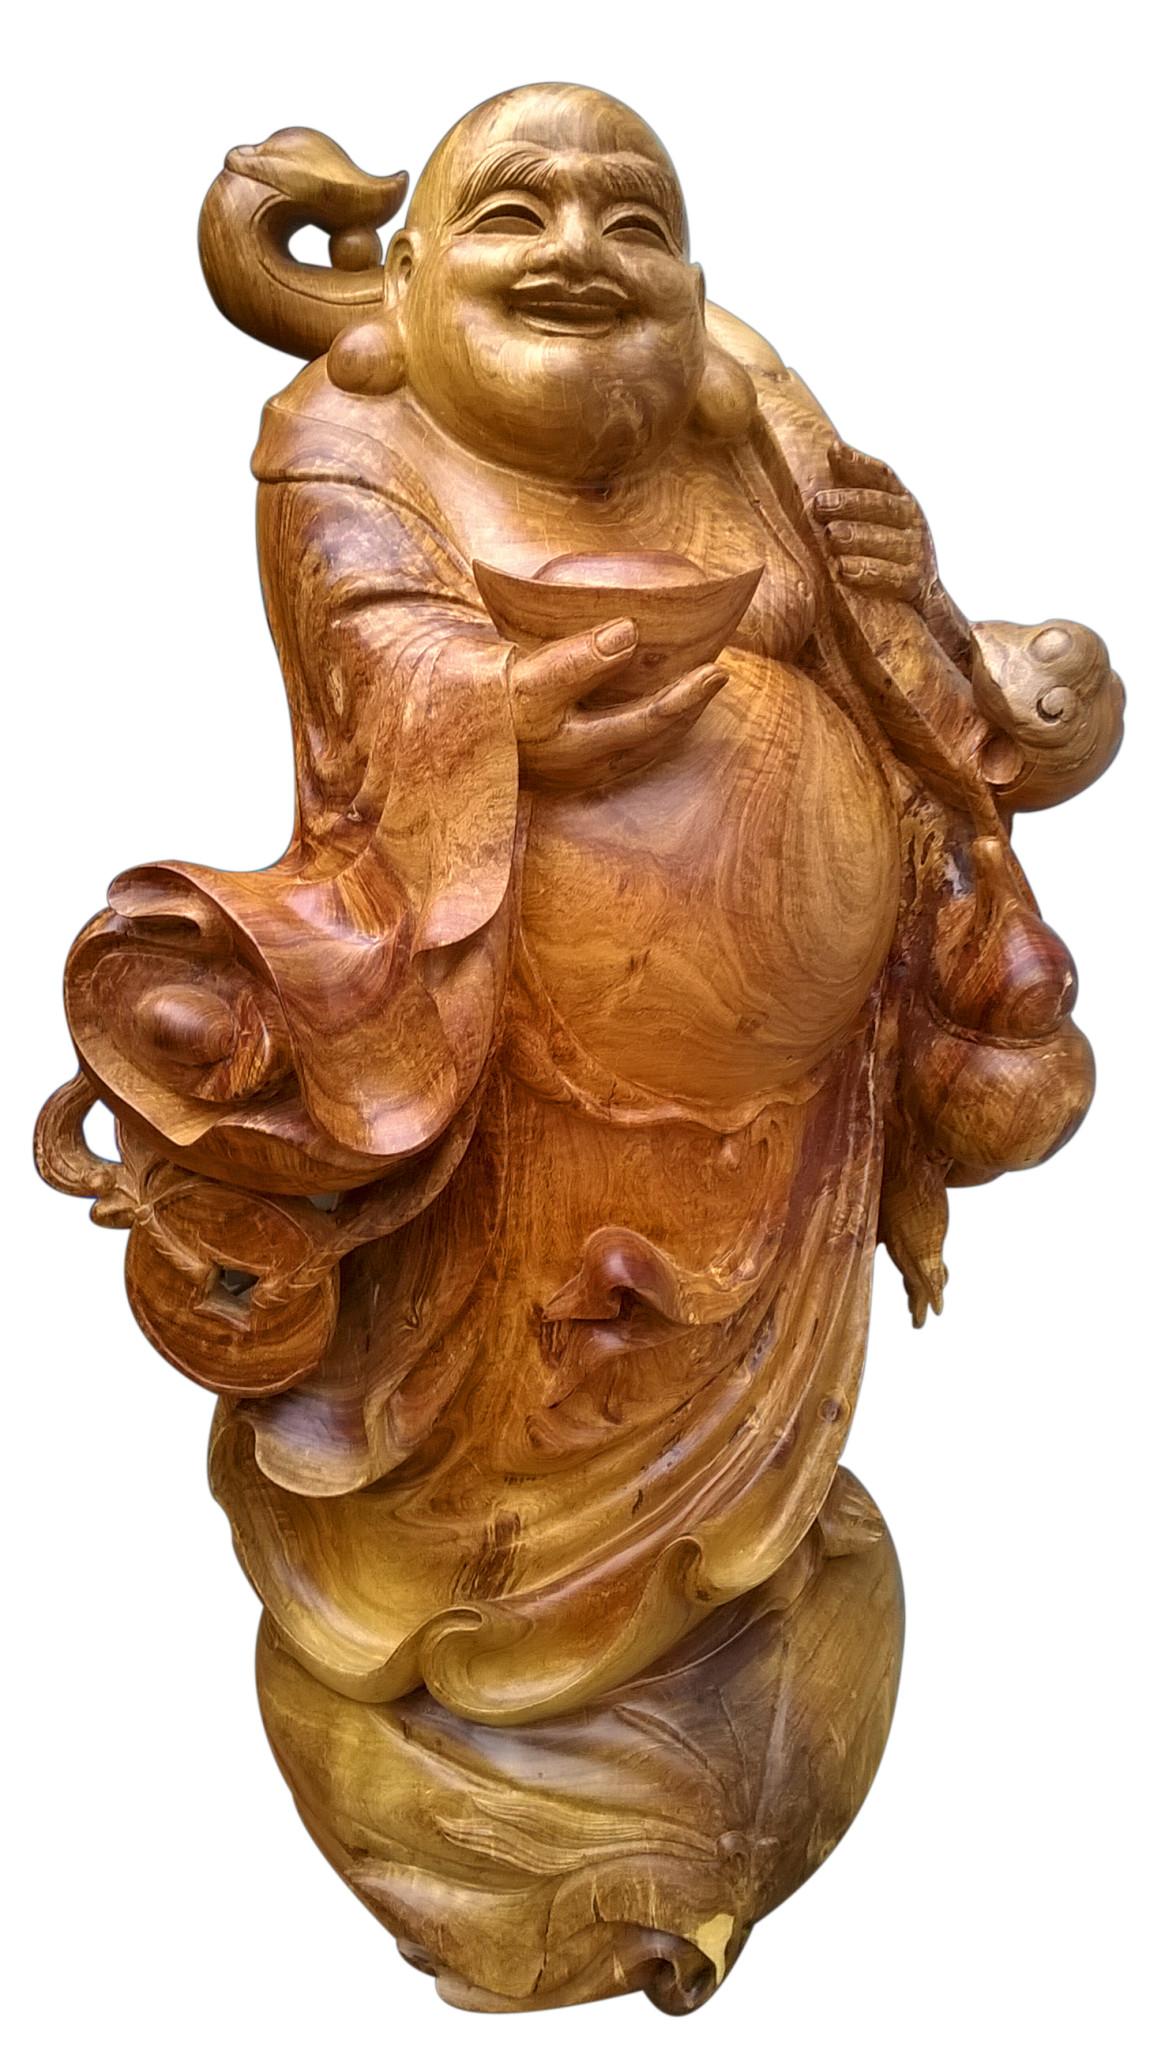 Tượng Bồ Tát Di Lặc – một trong những tác phẩm điêu khắc nghệ nhân Nguyễn Nam dày công thực hiện